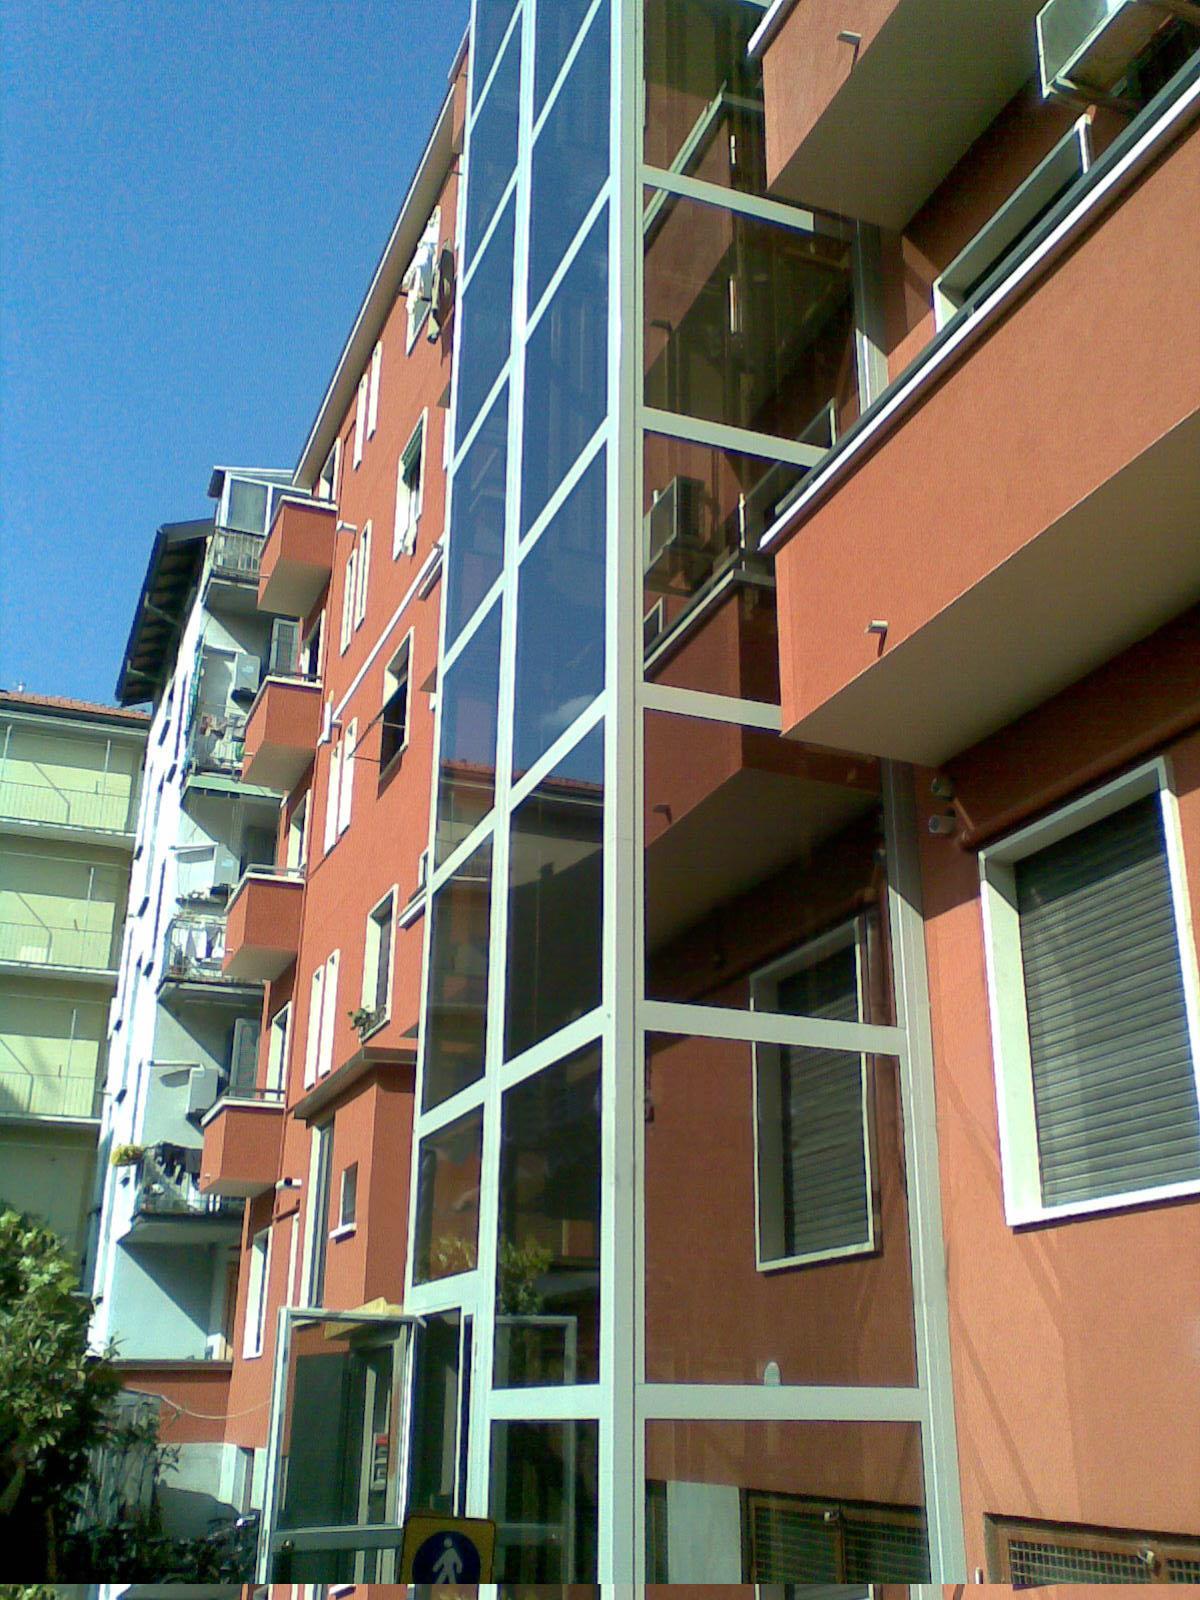 Ascensore esterno condominiale in via brioschi milano - Ascensori esterni ...